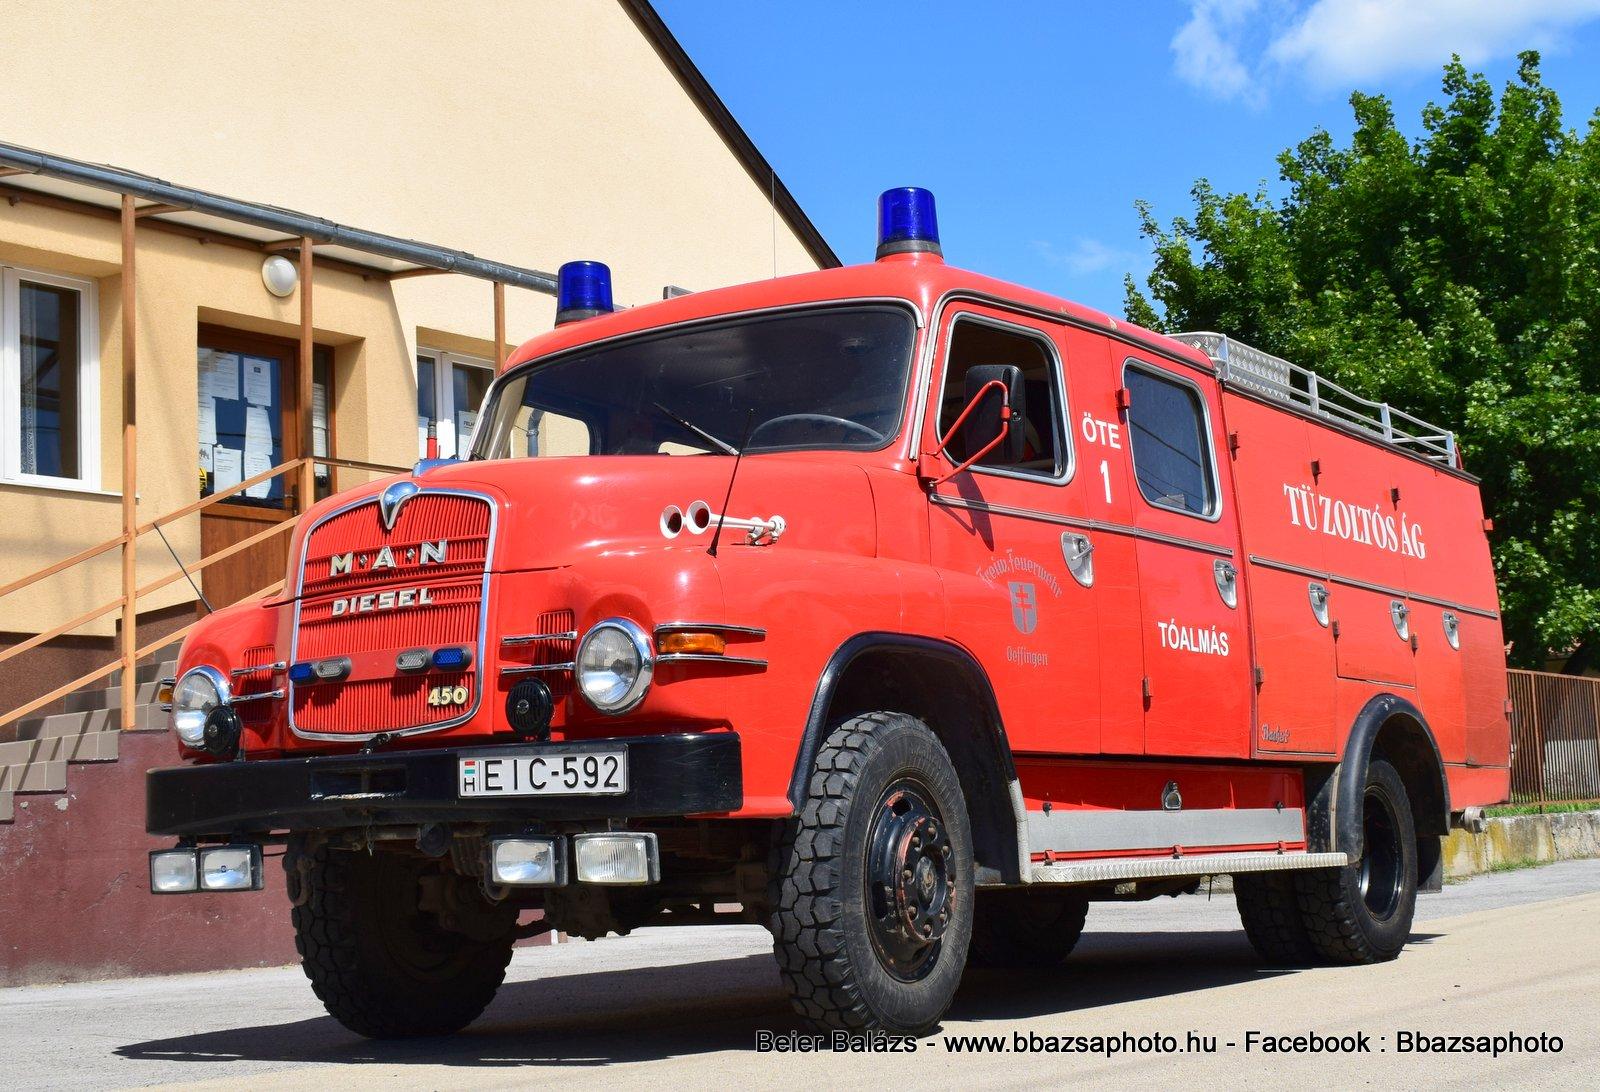 MAN Diesel 450 Bochert  – Tóalmás ÖTE